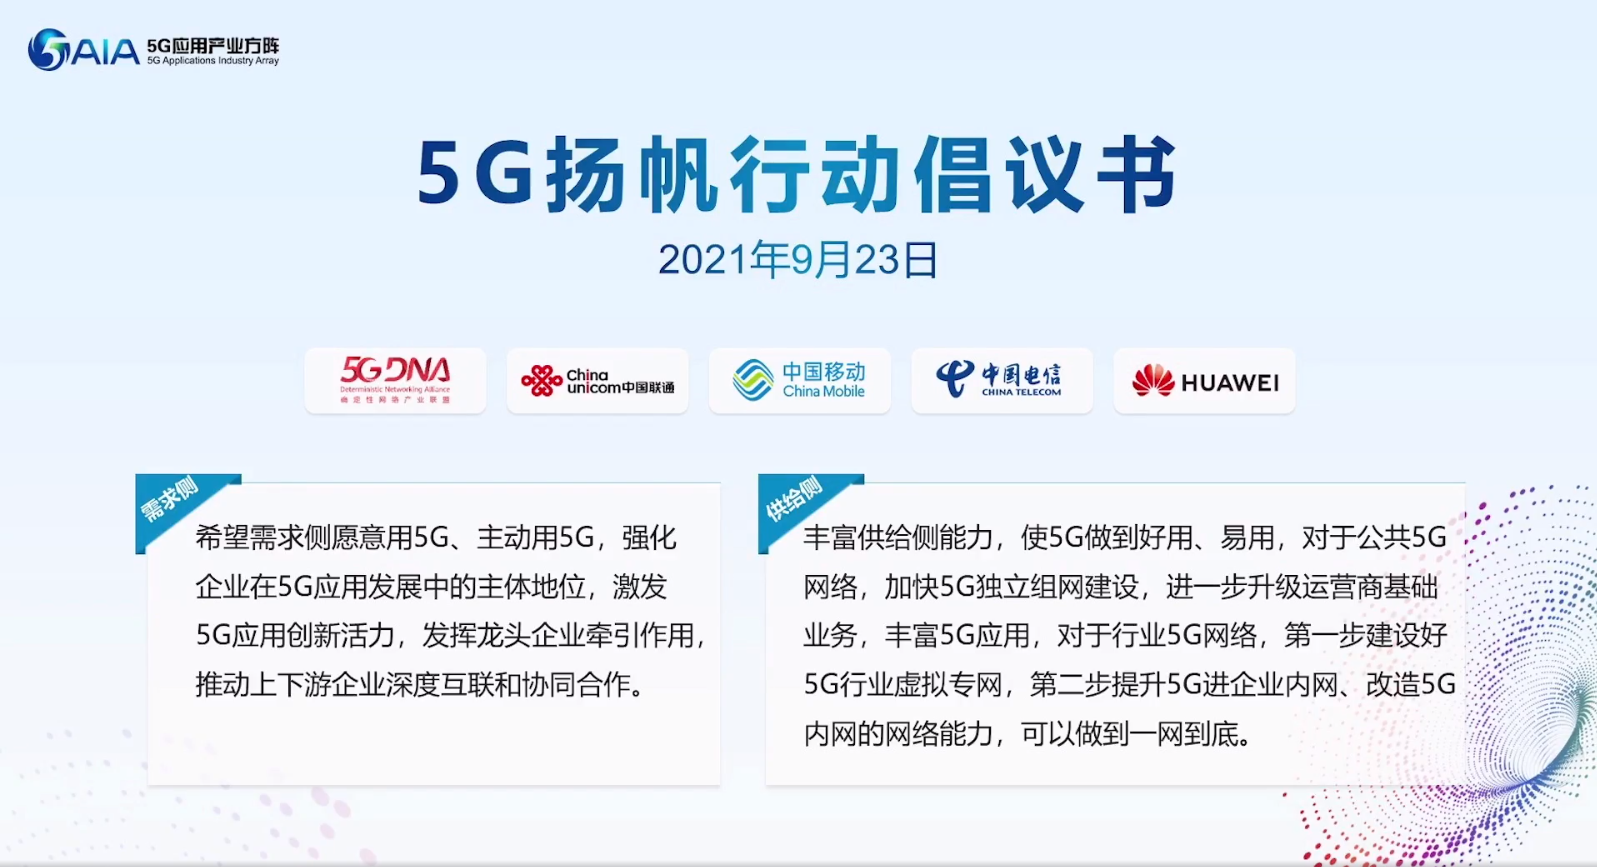 我国5G用户已破5.6亿,华为+三大运营商们发起联合倡议